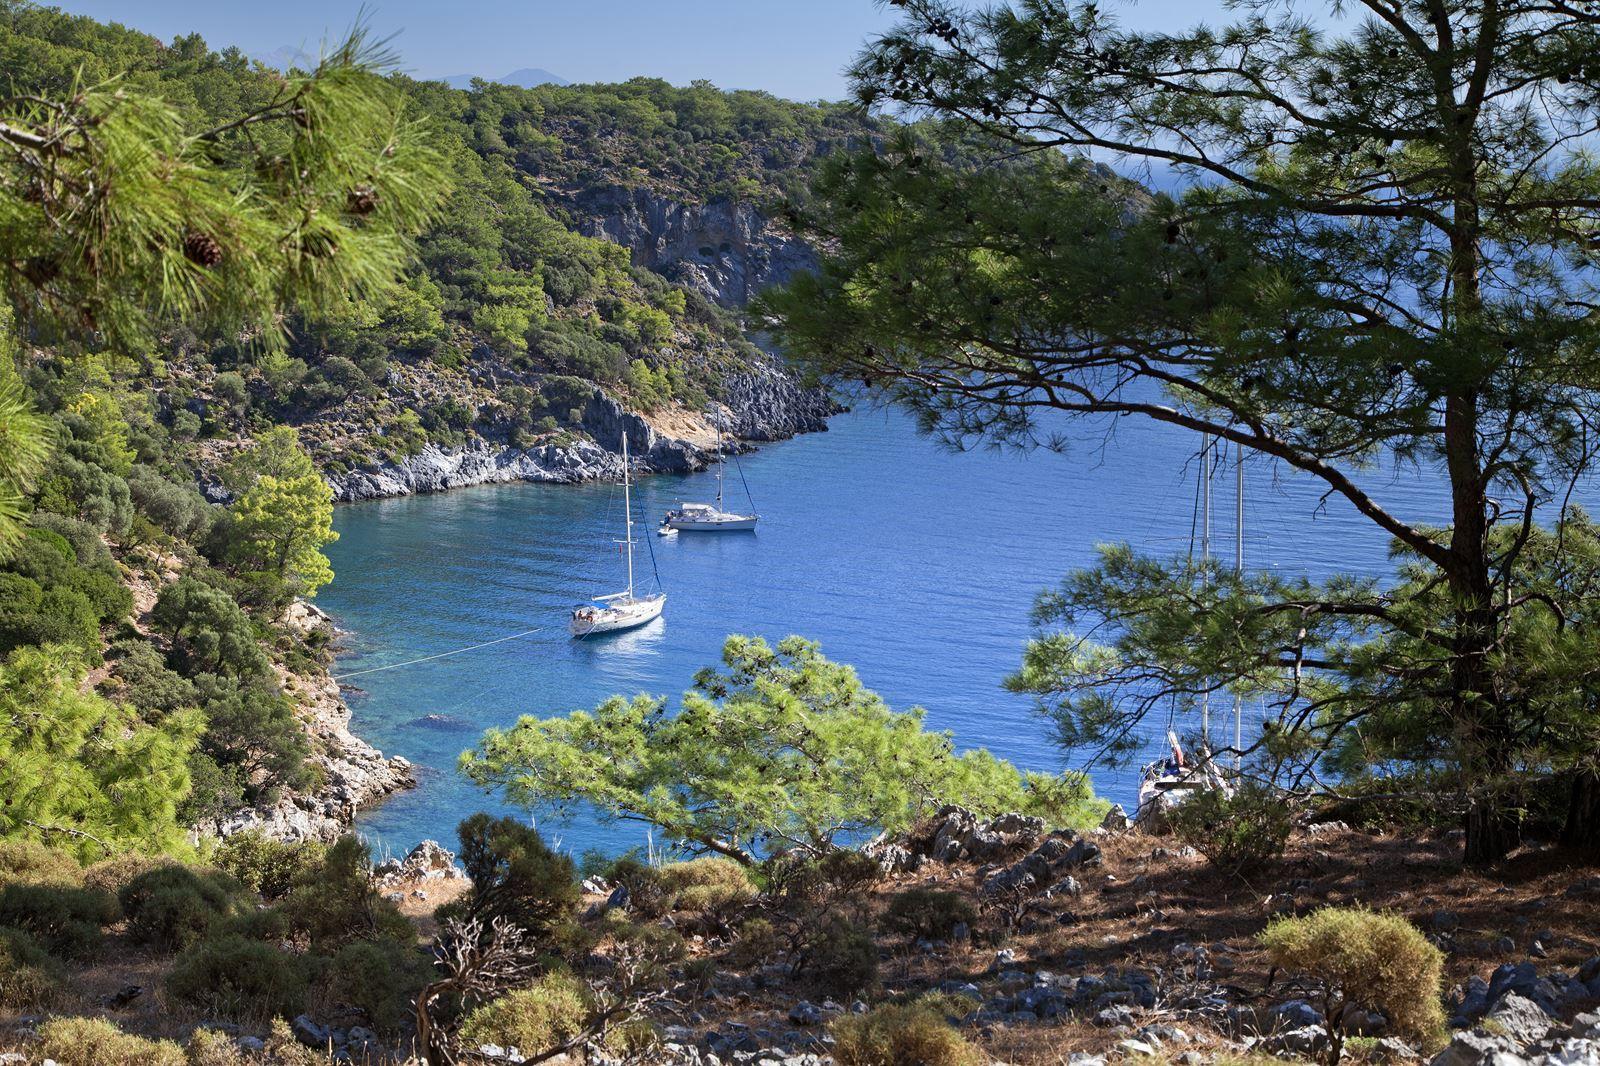 Blue Cruise&Grand Ideal Premium corendon